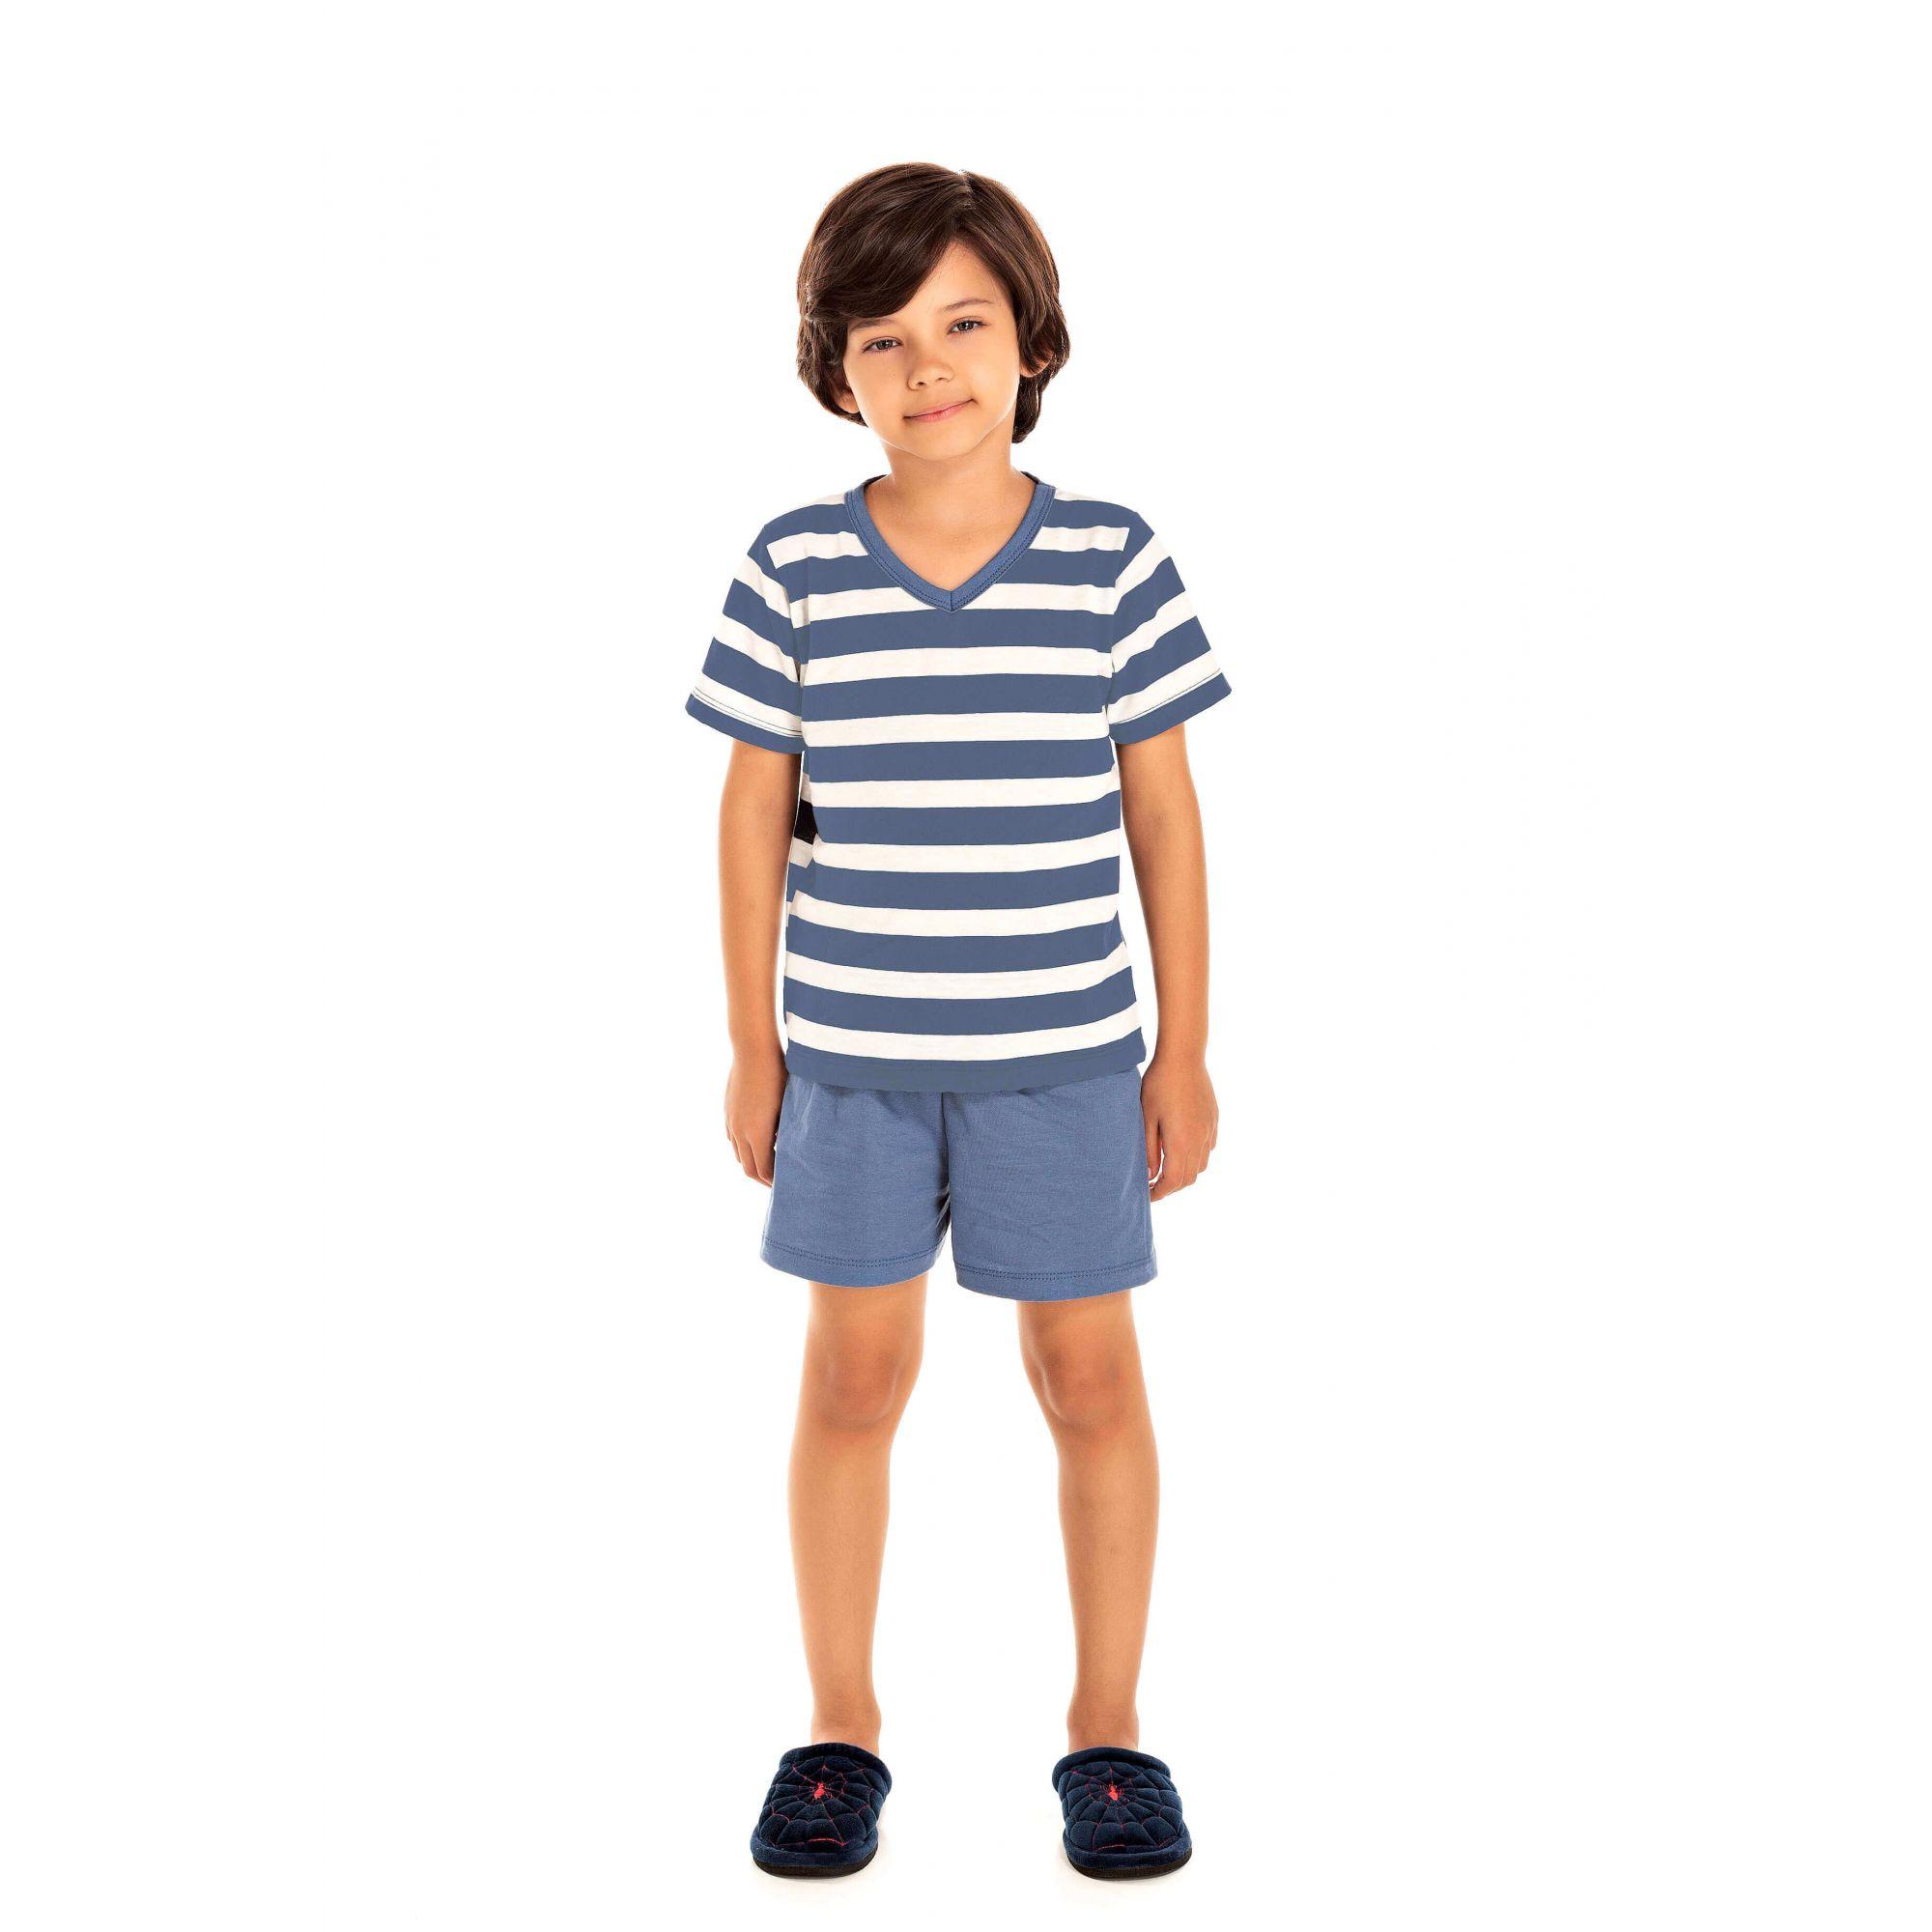 Pijama Infantil Curto - Tal Pai Tal Filho